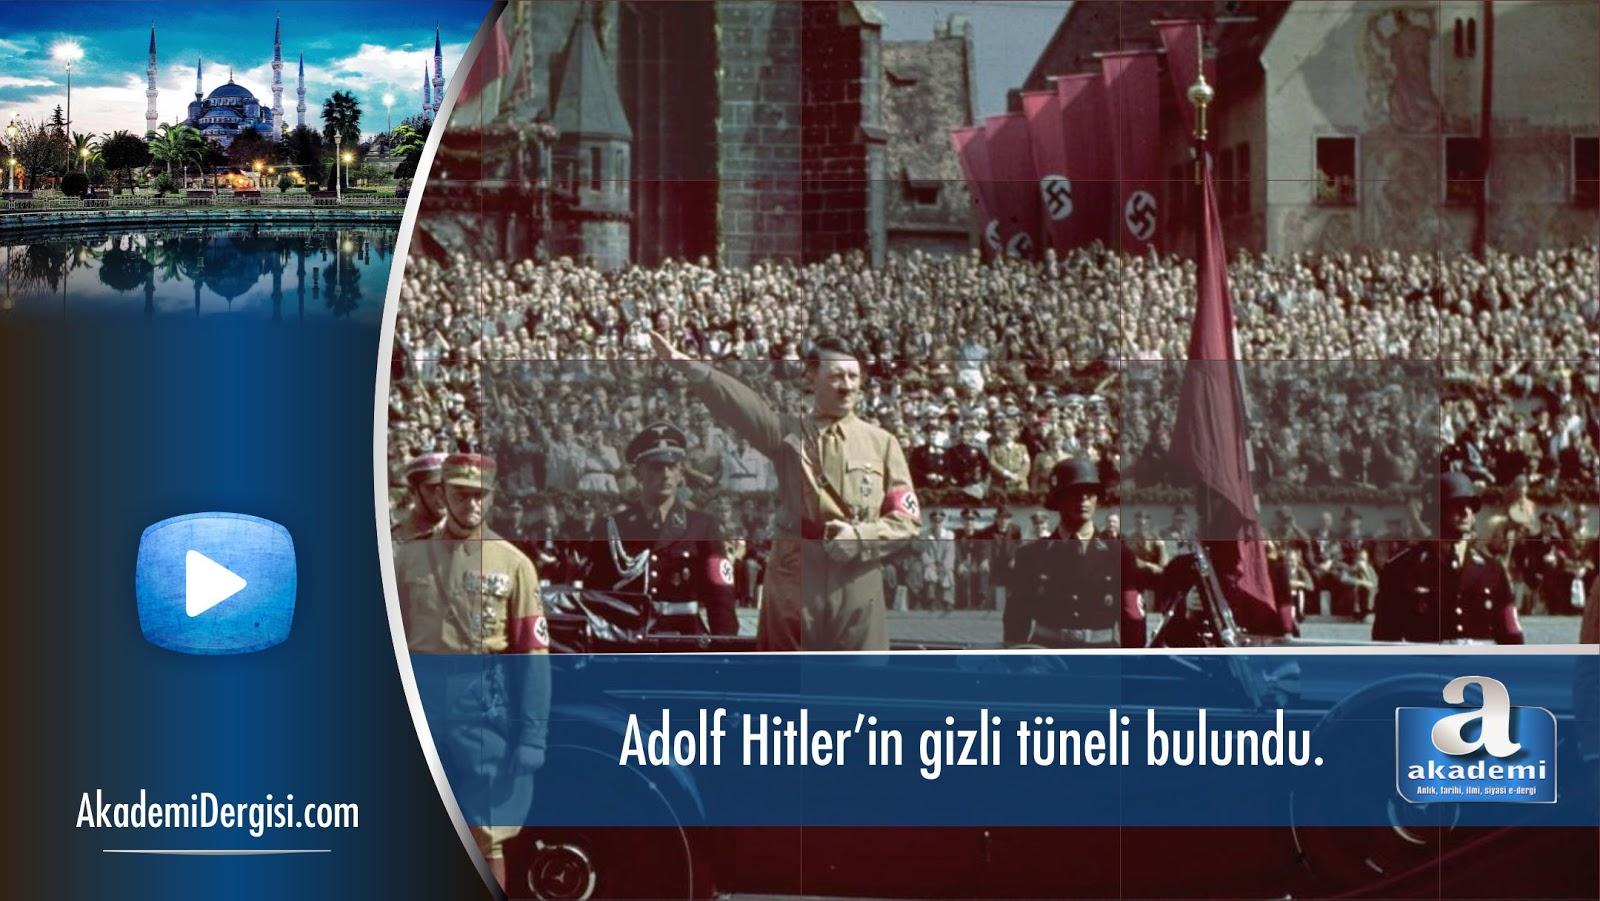 Adolf Hitler'in gizli tüneli bulundu.